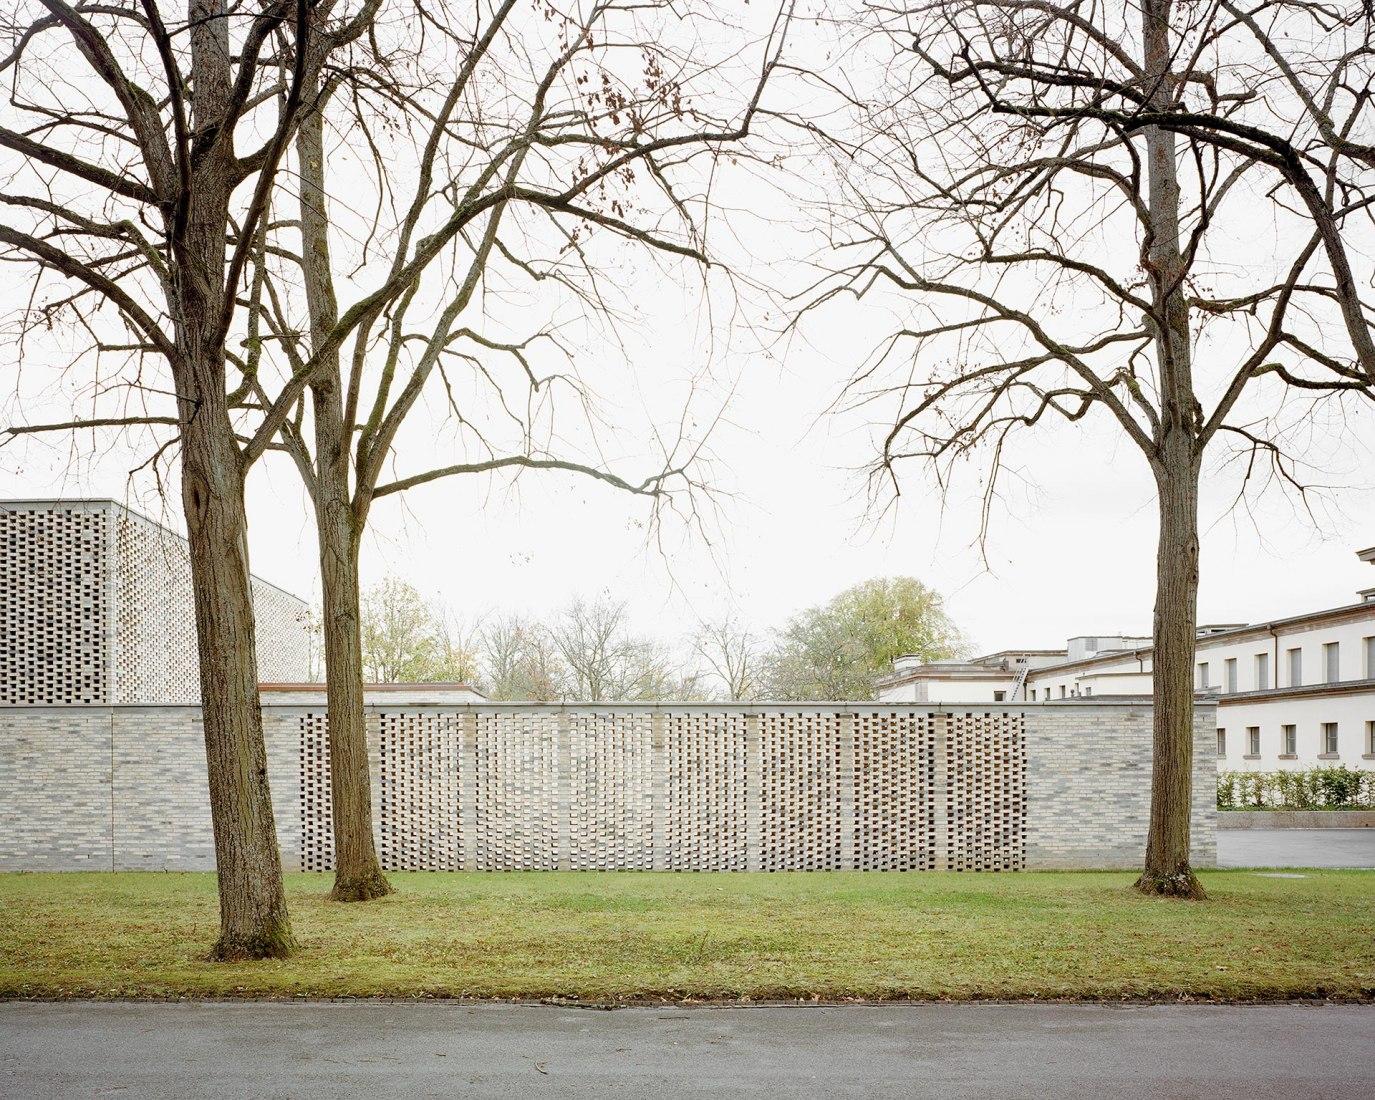 Vista exterior. Nuevo Crematorio en el Cementerio Hörnli por Architekturbüro Garrigues Maurer GmbH. Fotografía © Ariel Huber, Rasmus Norlander